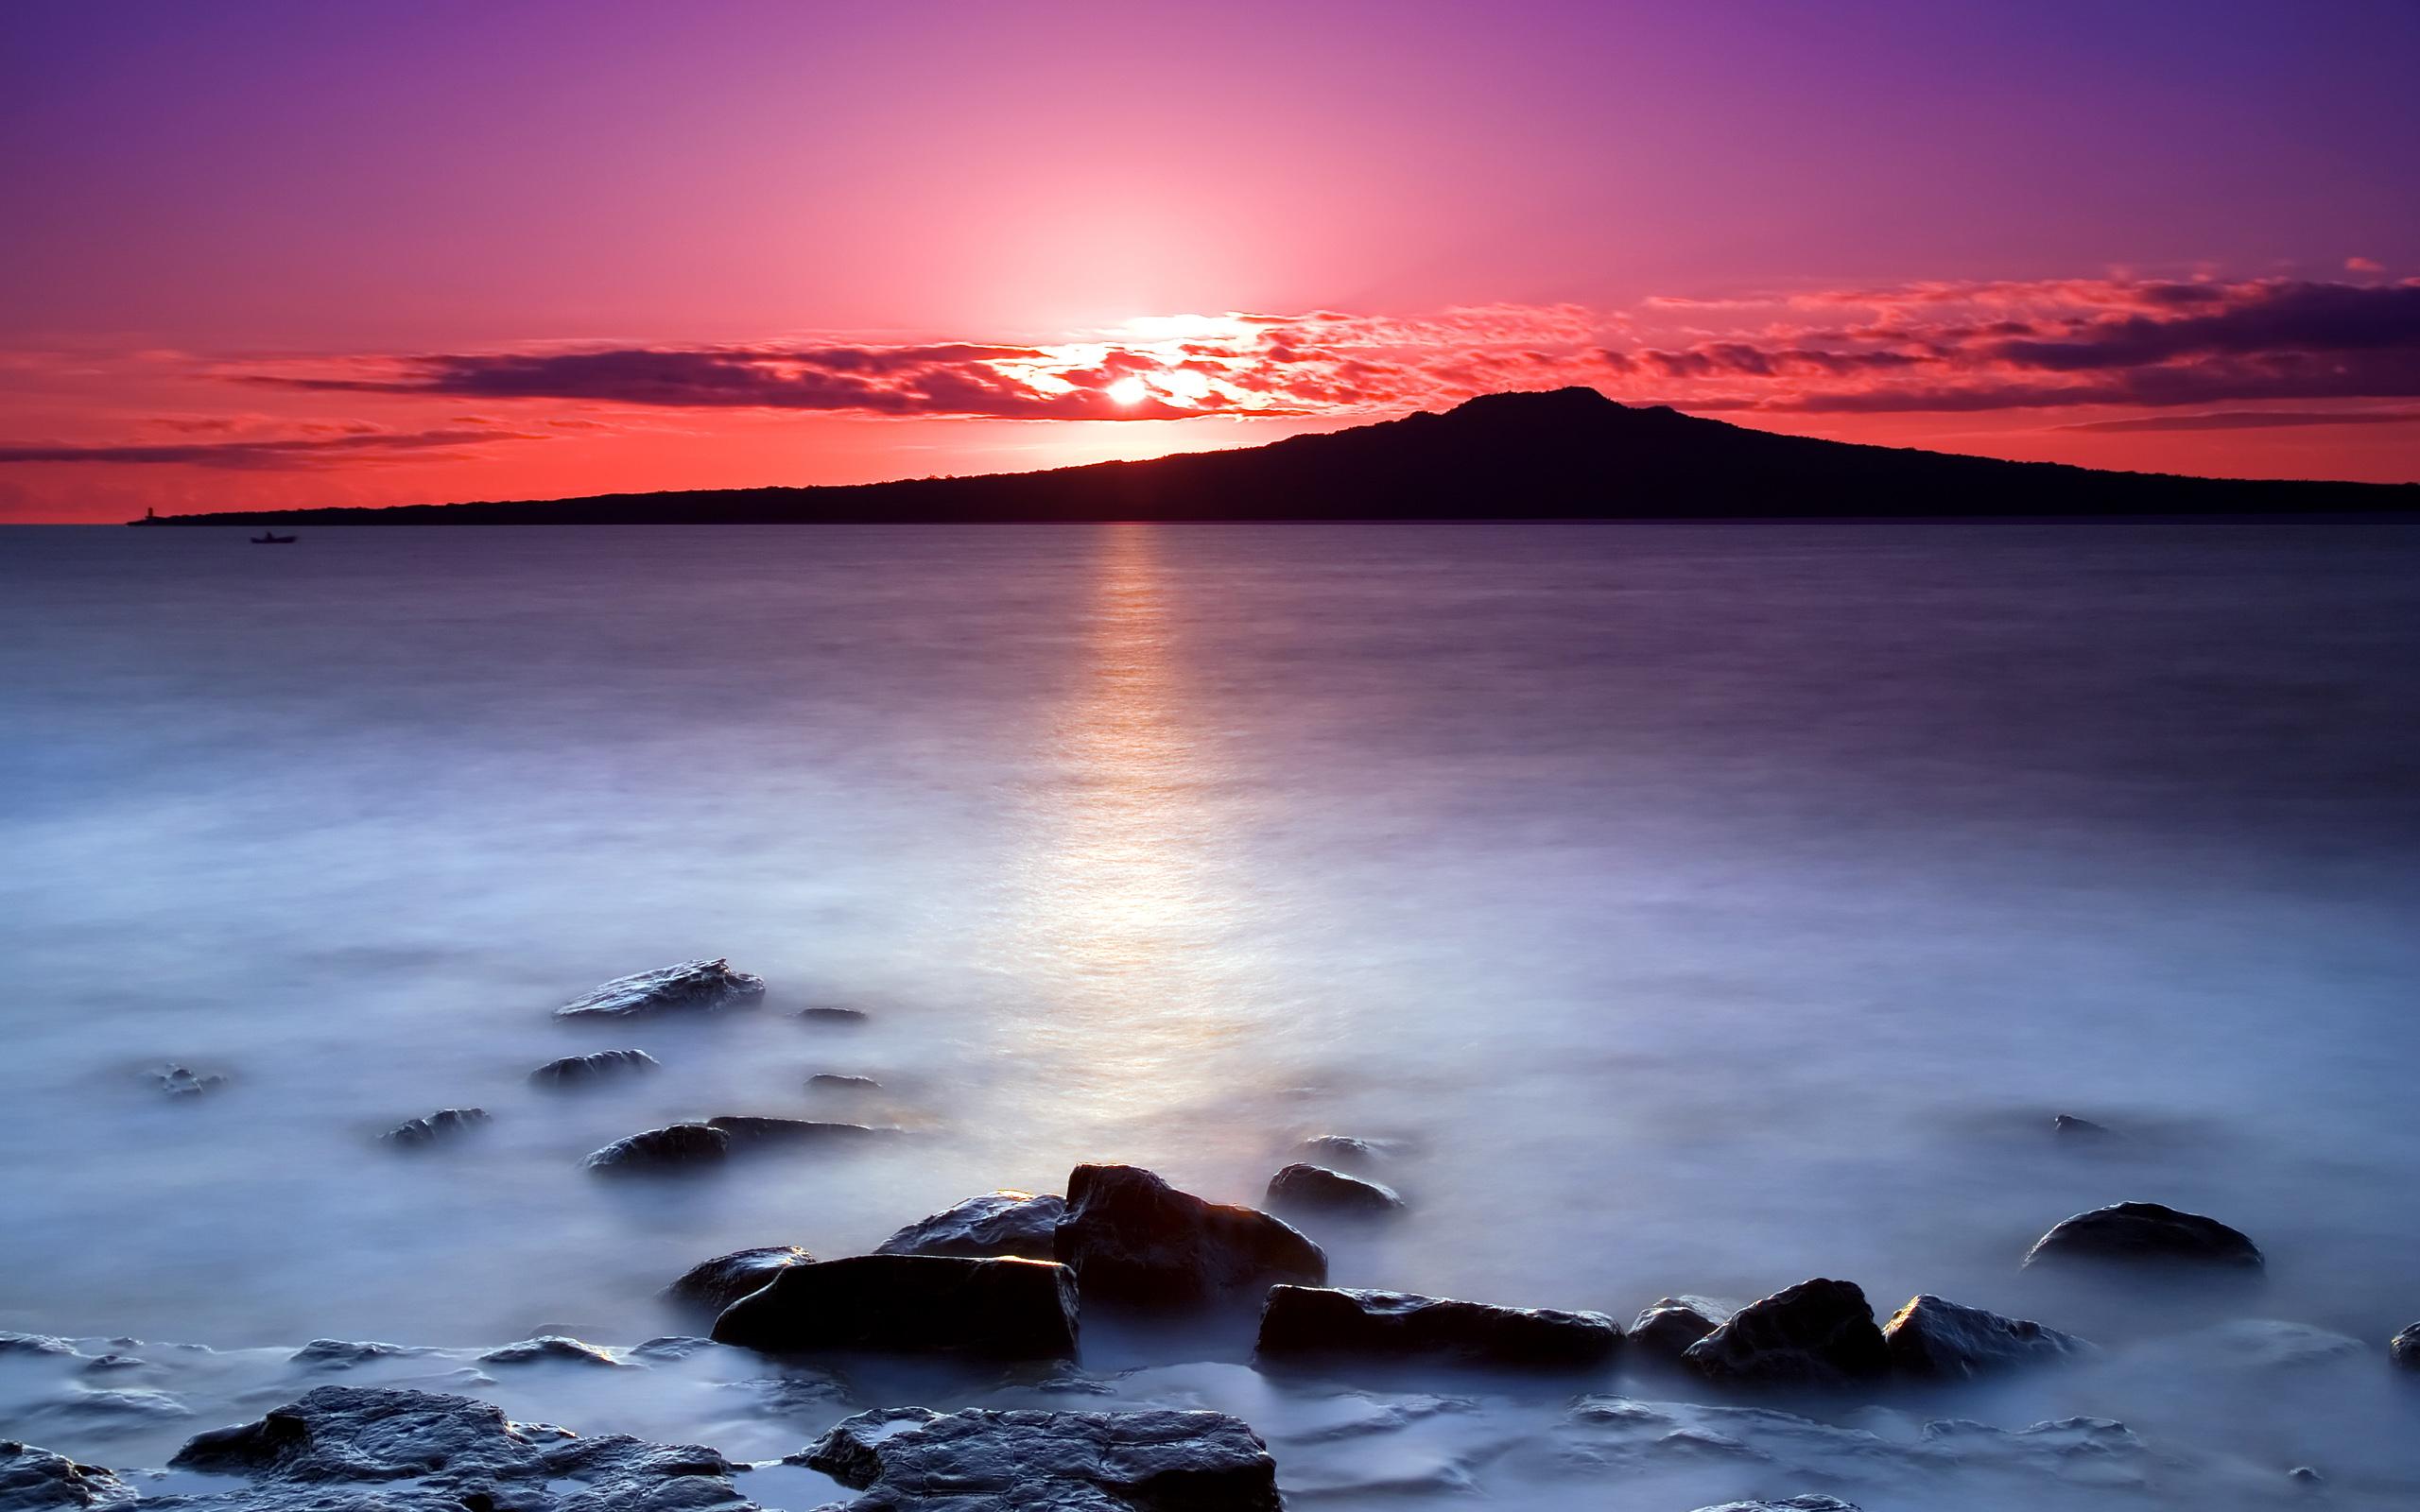 розовый закат, море, горы  № 3110097 без смс